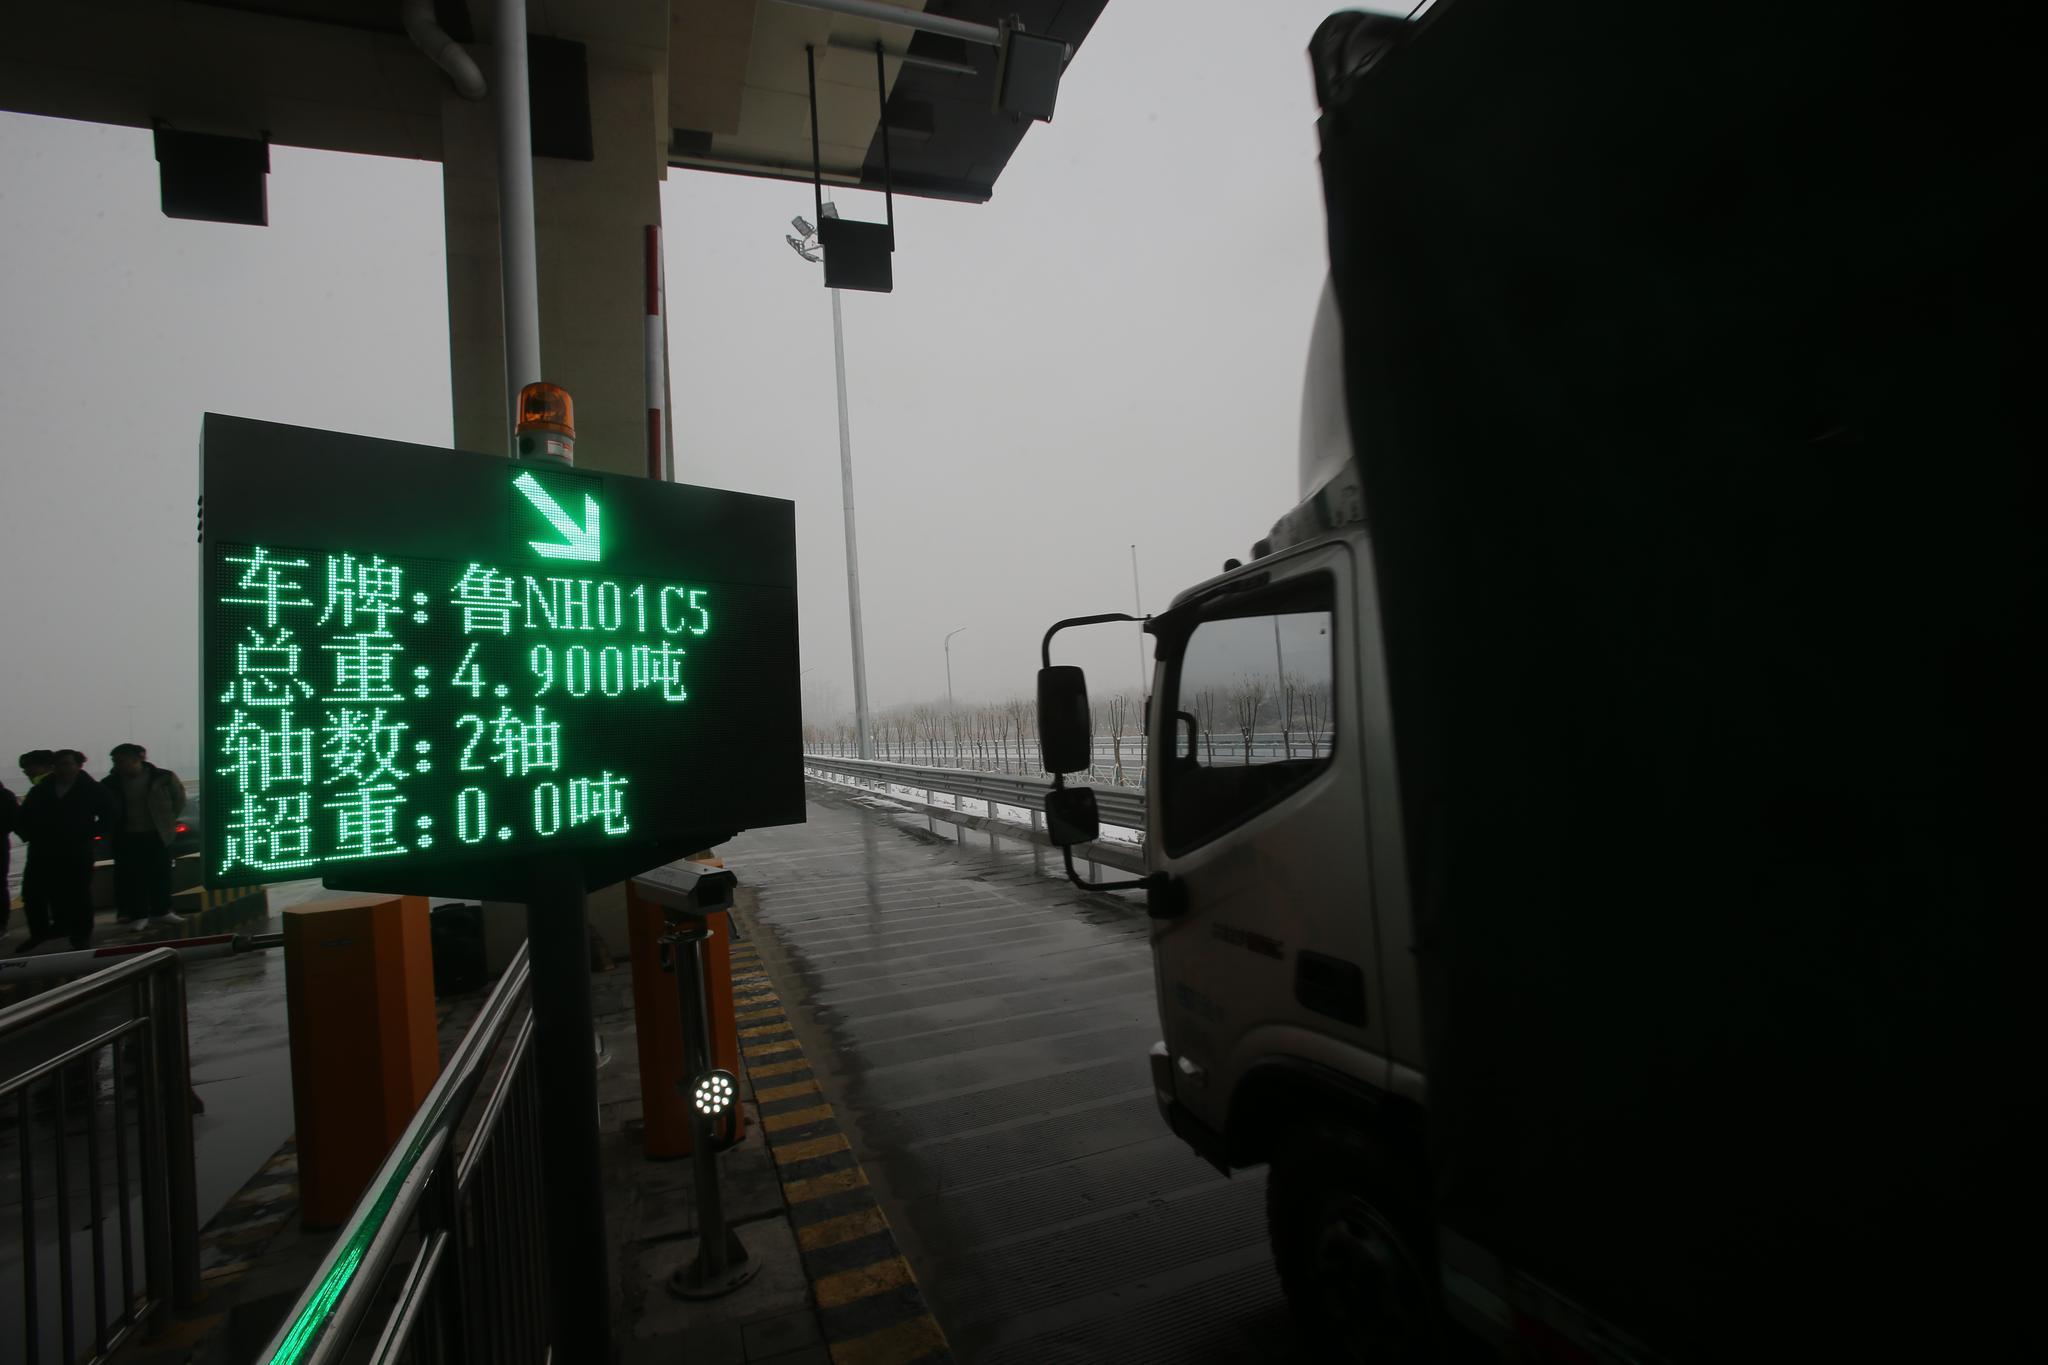 大興機場高速大興新城收費站不停車稱重設備啟用。攝影/新京報記者 王貴彬